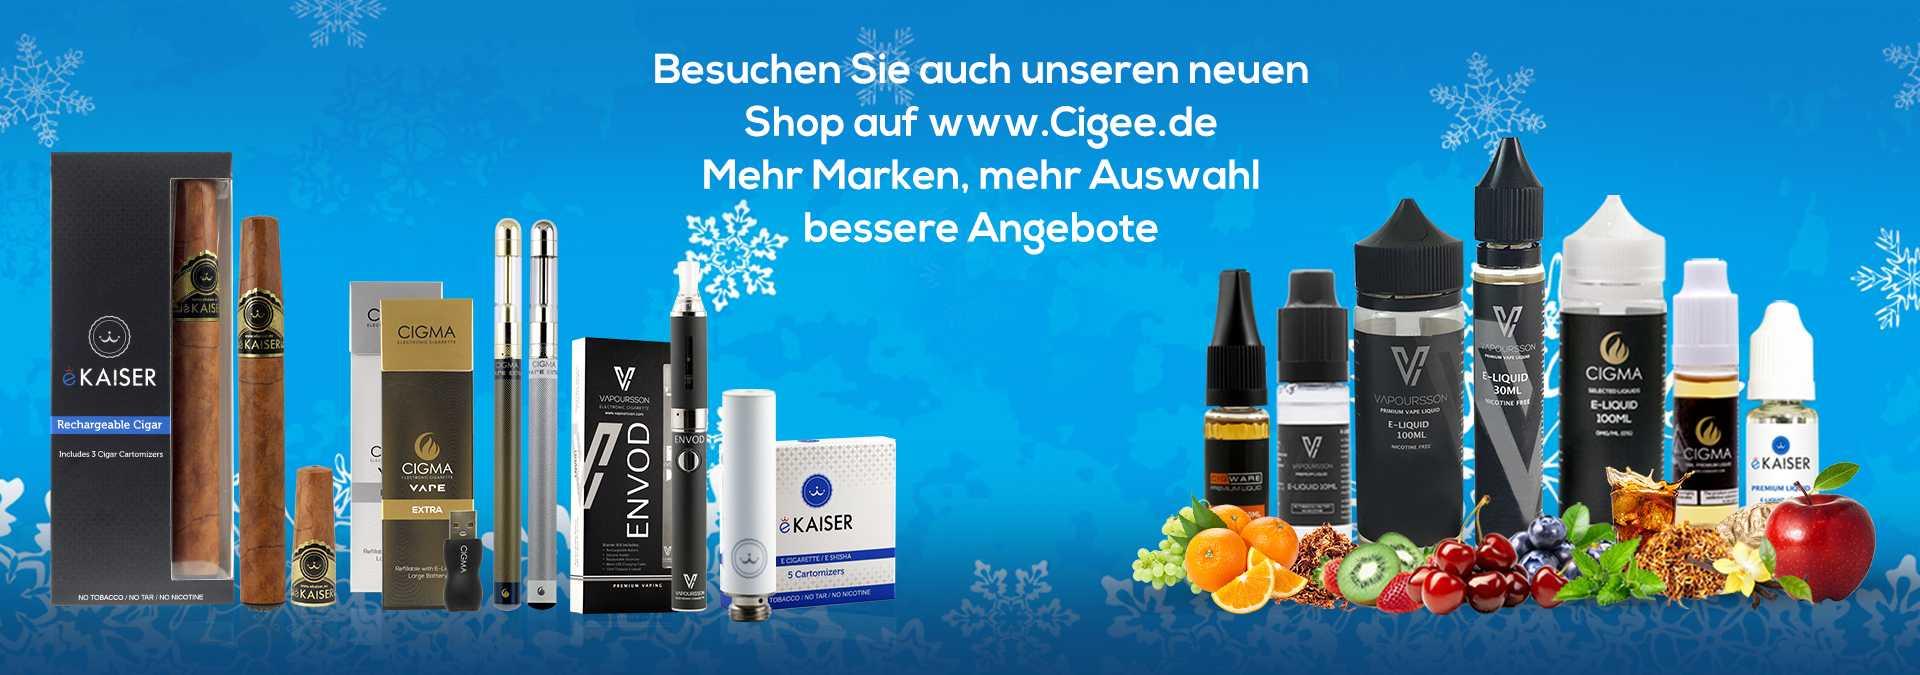 cigee.de-link-banner-1_33be70e8d3601099c0dde9e38e429852